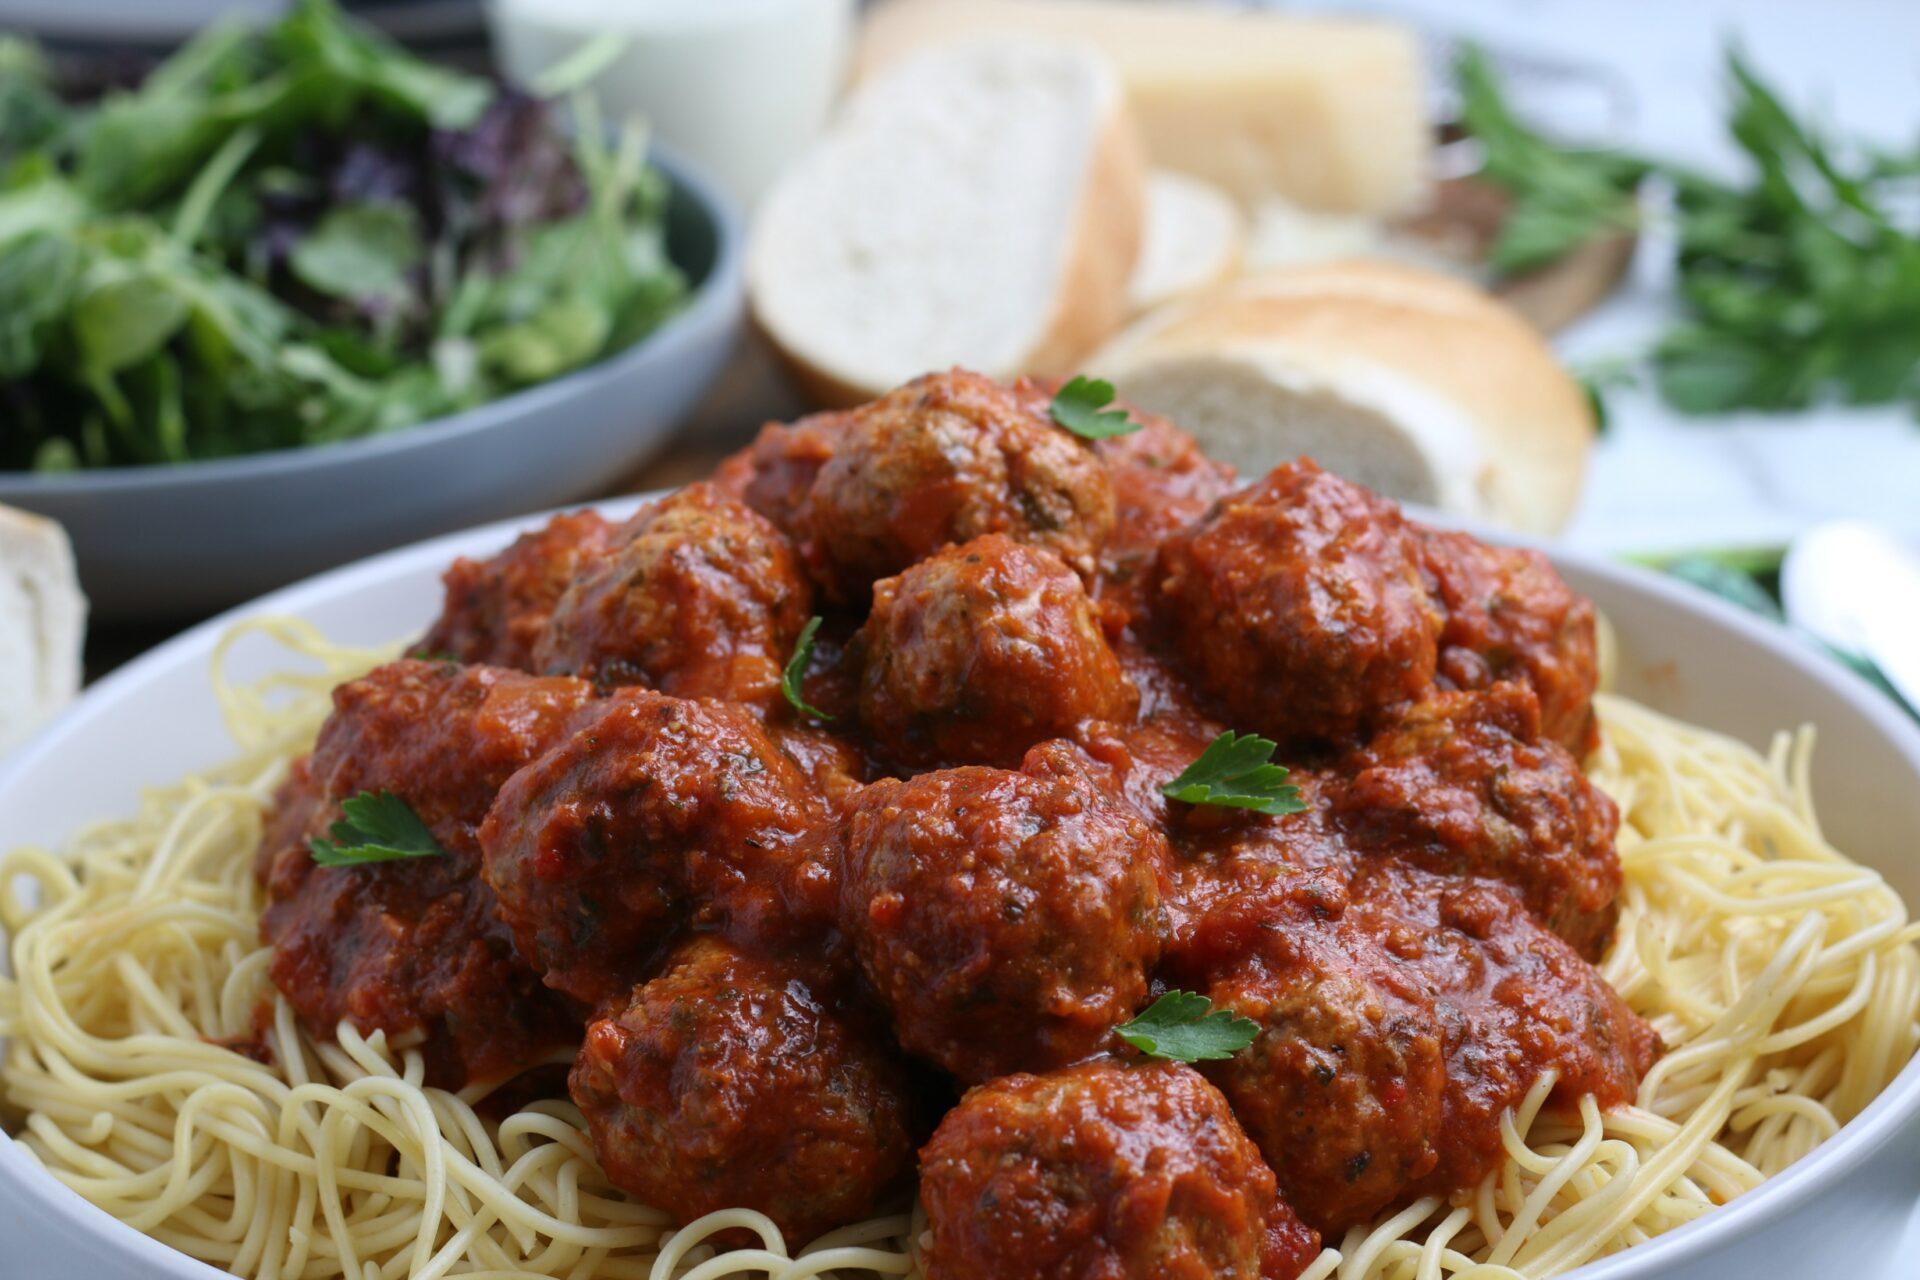 Meatballs on pasta